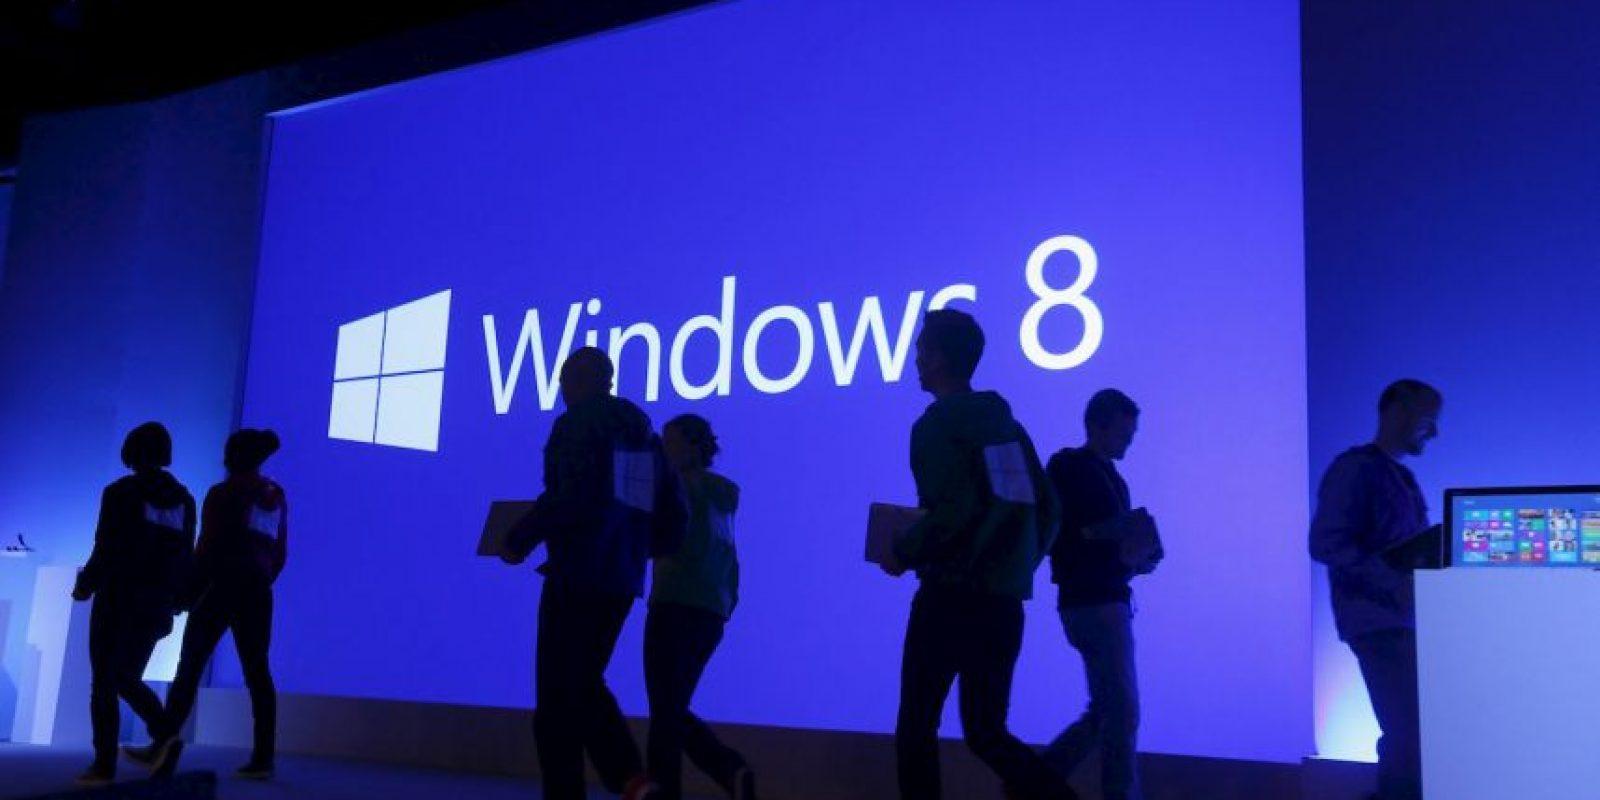 La marca Surface es una serie de tabletas diseñadas y comercializadas por Microsoft. Su lanzamiento fue anunciado el 18 de junio de 2012, por el CEO de Microsoft Steve Ballmer en Milk Studios de Los Ángeles. Foto:Getty